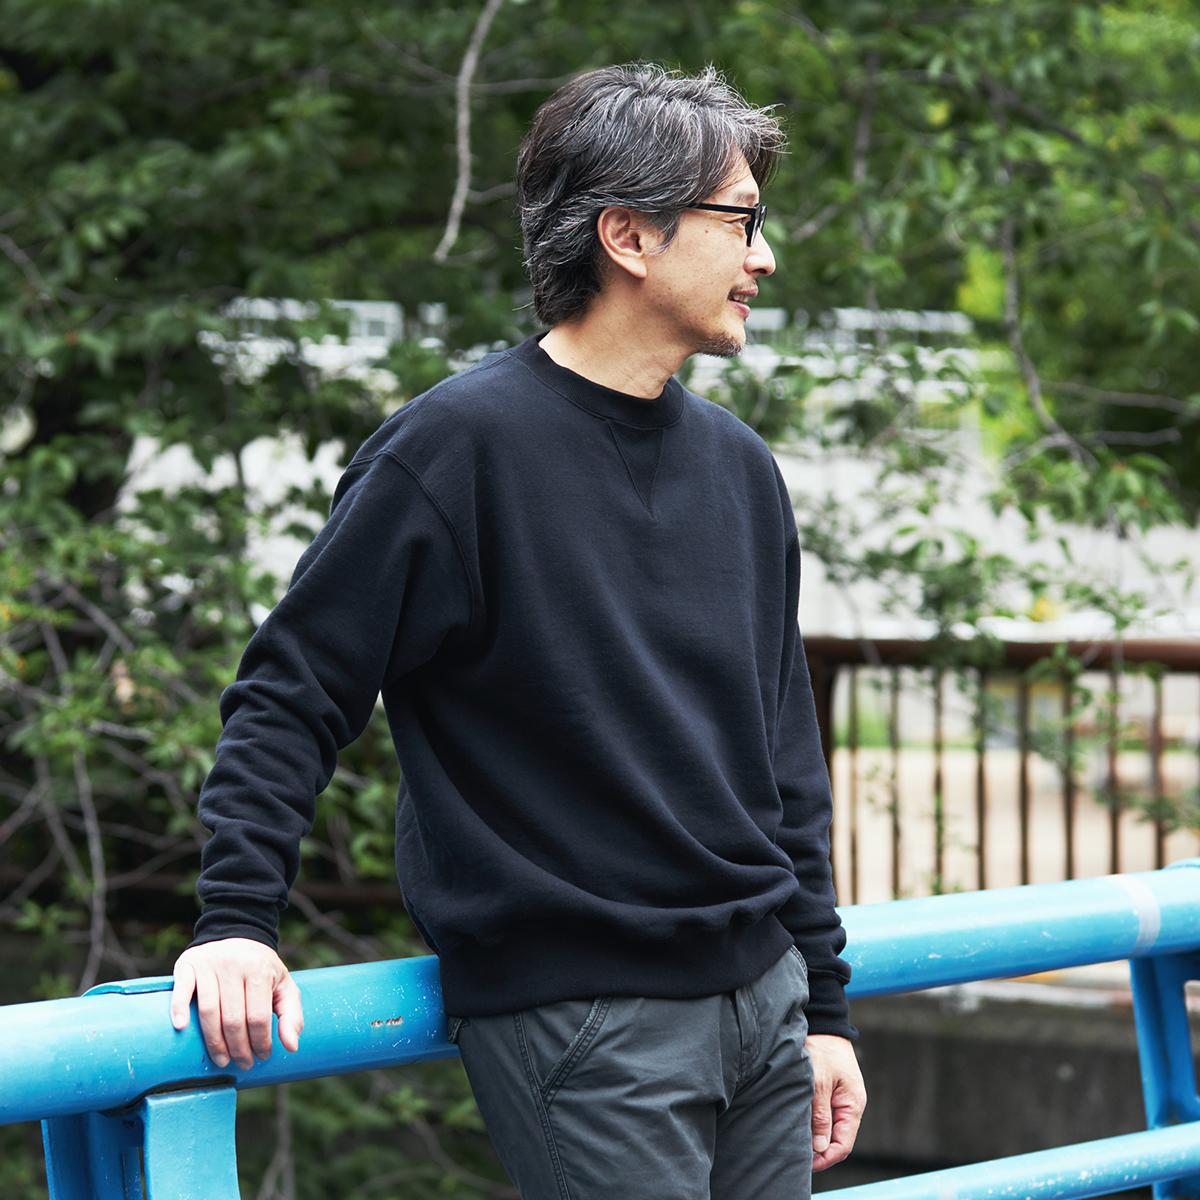 洗濯しても色褪せしにくいので、末永く楽しめる一着に。スポルディング社の名作から、現存していない「ブラック」をMade in Japanで「トレーニングシャツ」|A.G. Spalding & Bros